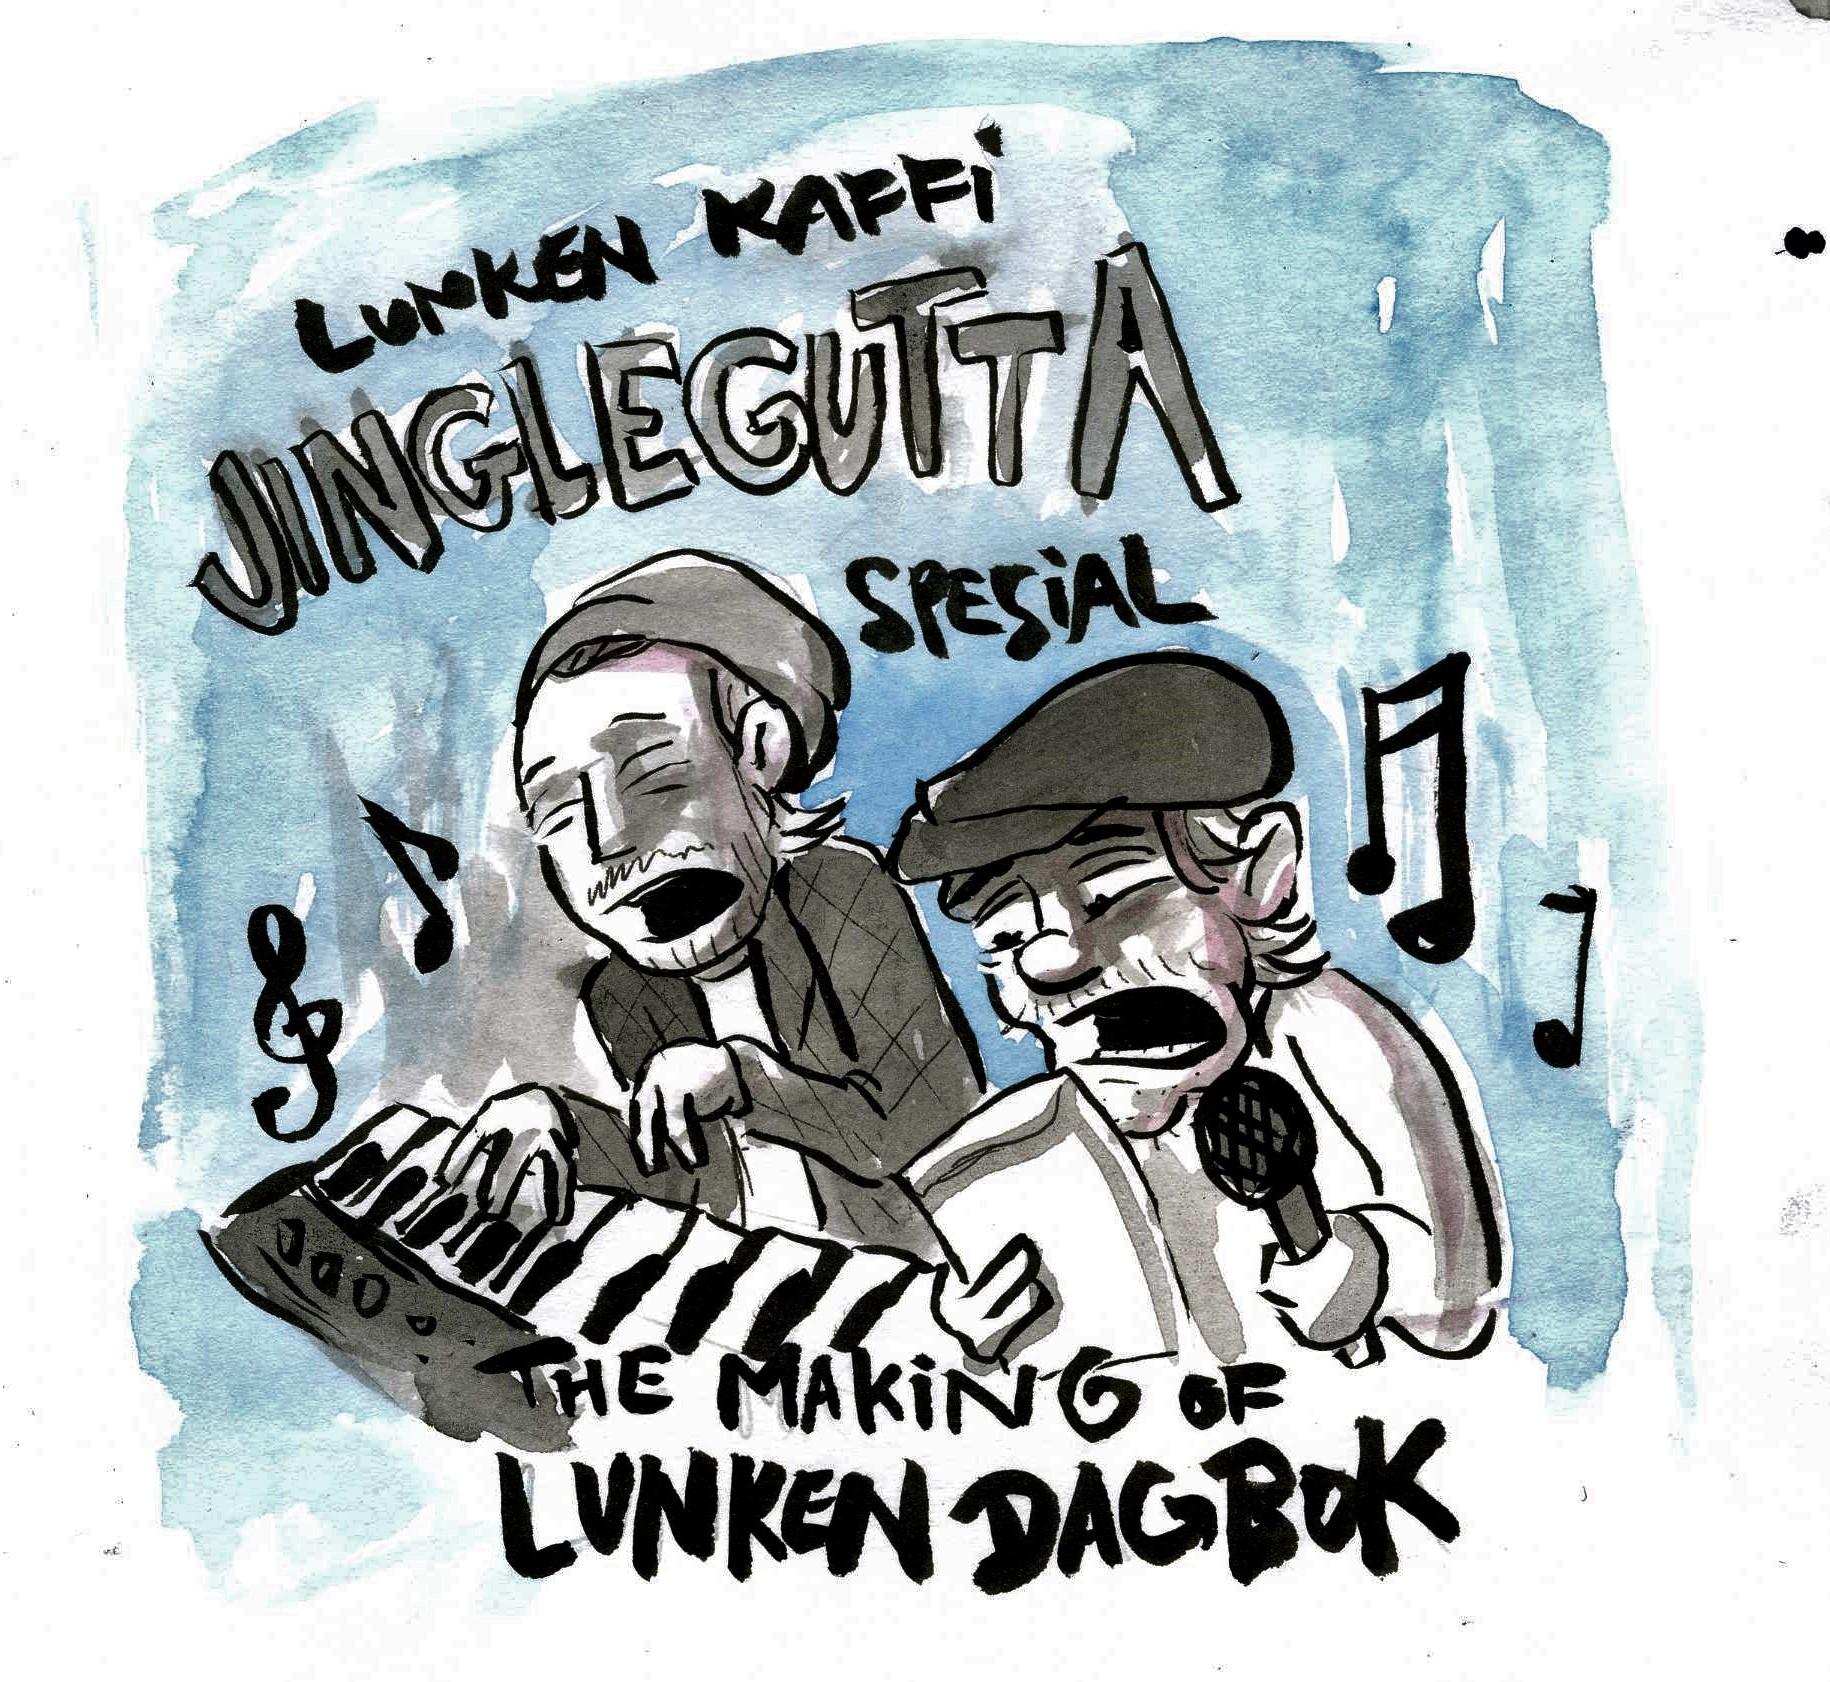 jinglegutta1